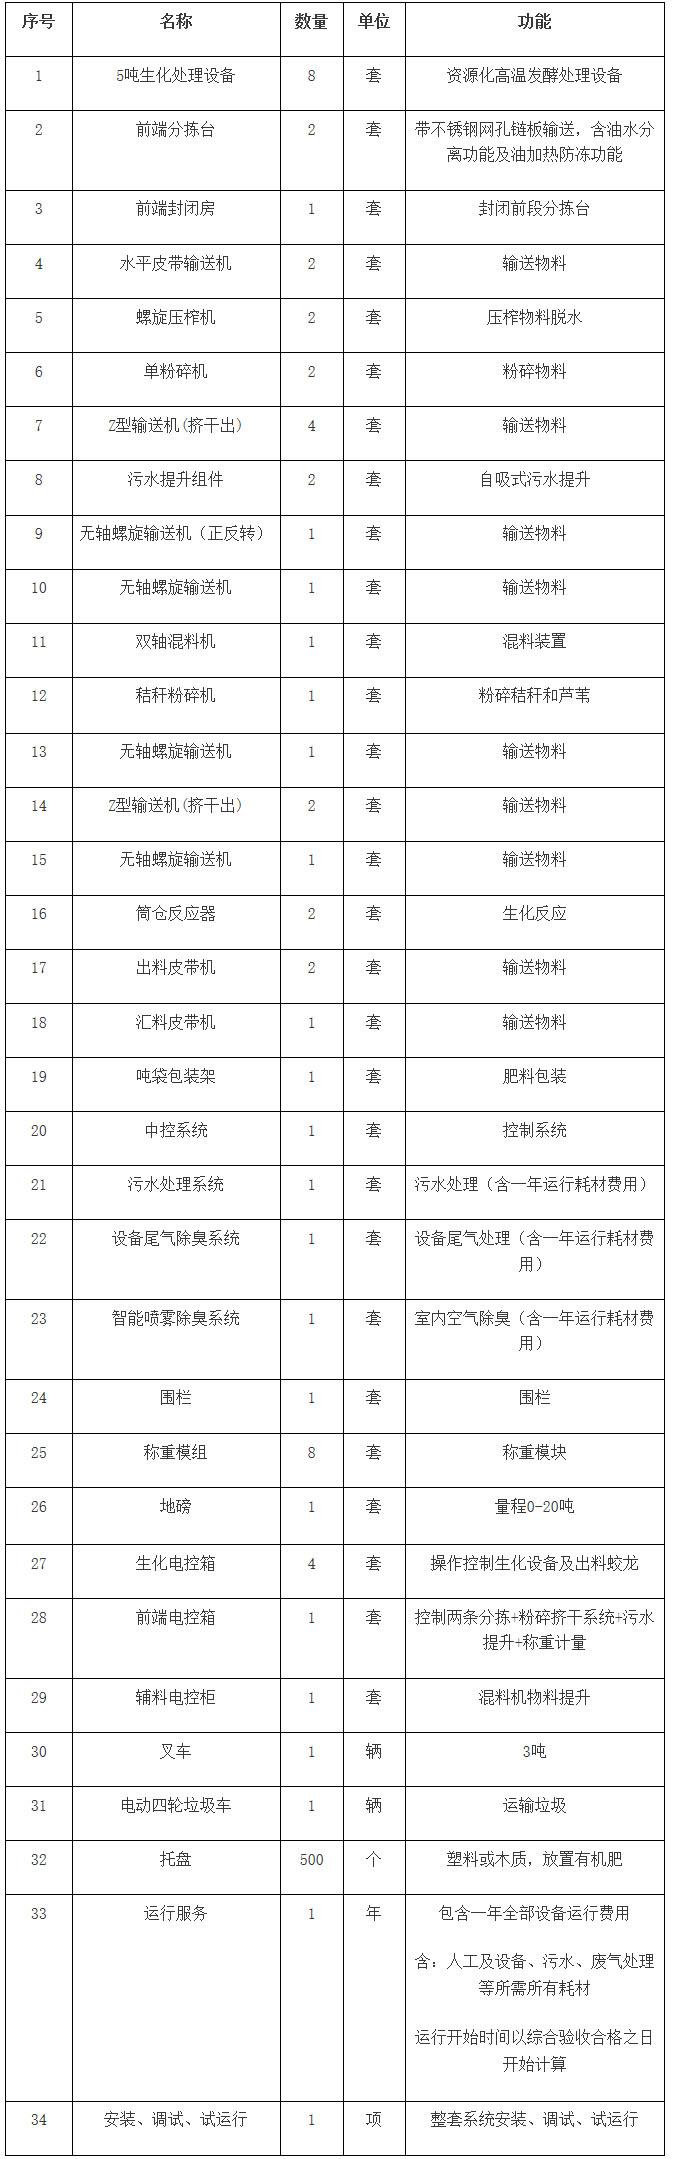 2千万!苏州市吴中区甪直镇厨余垃圾处理设备招标